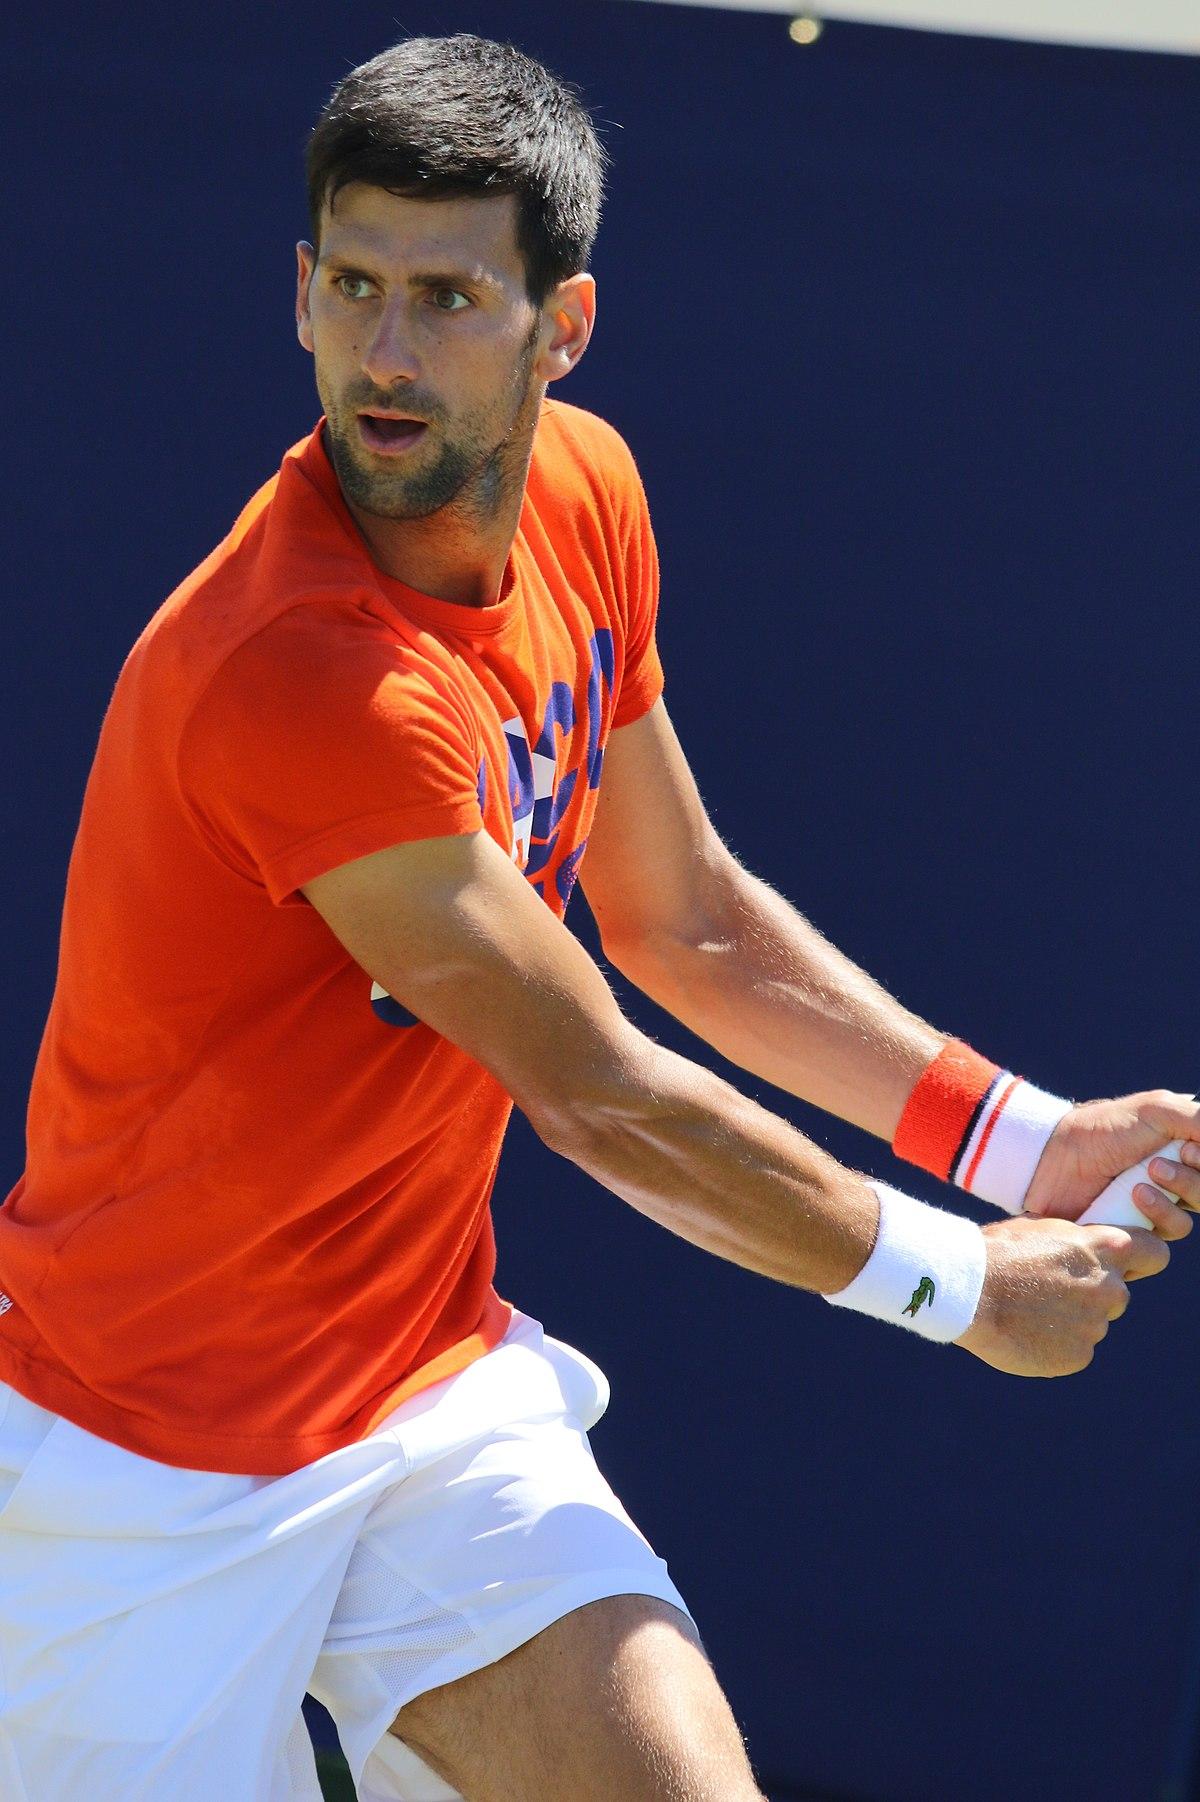 Novak Đoković - Wikipedia